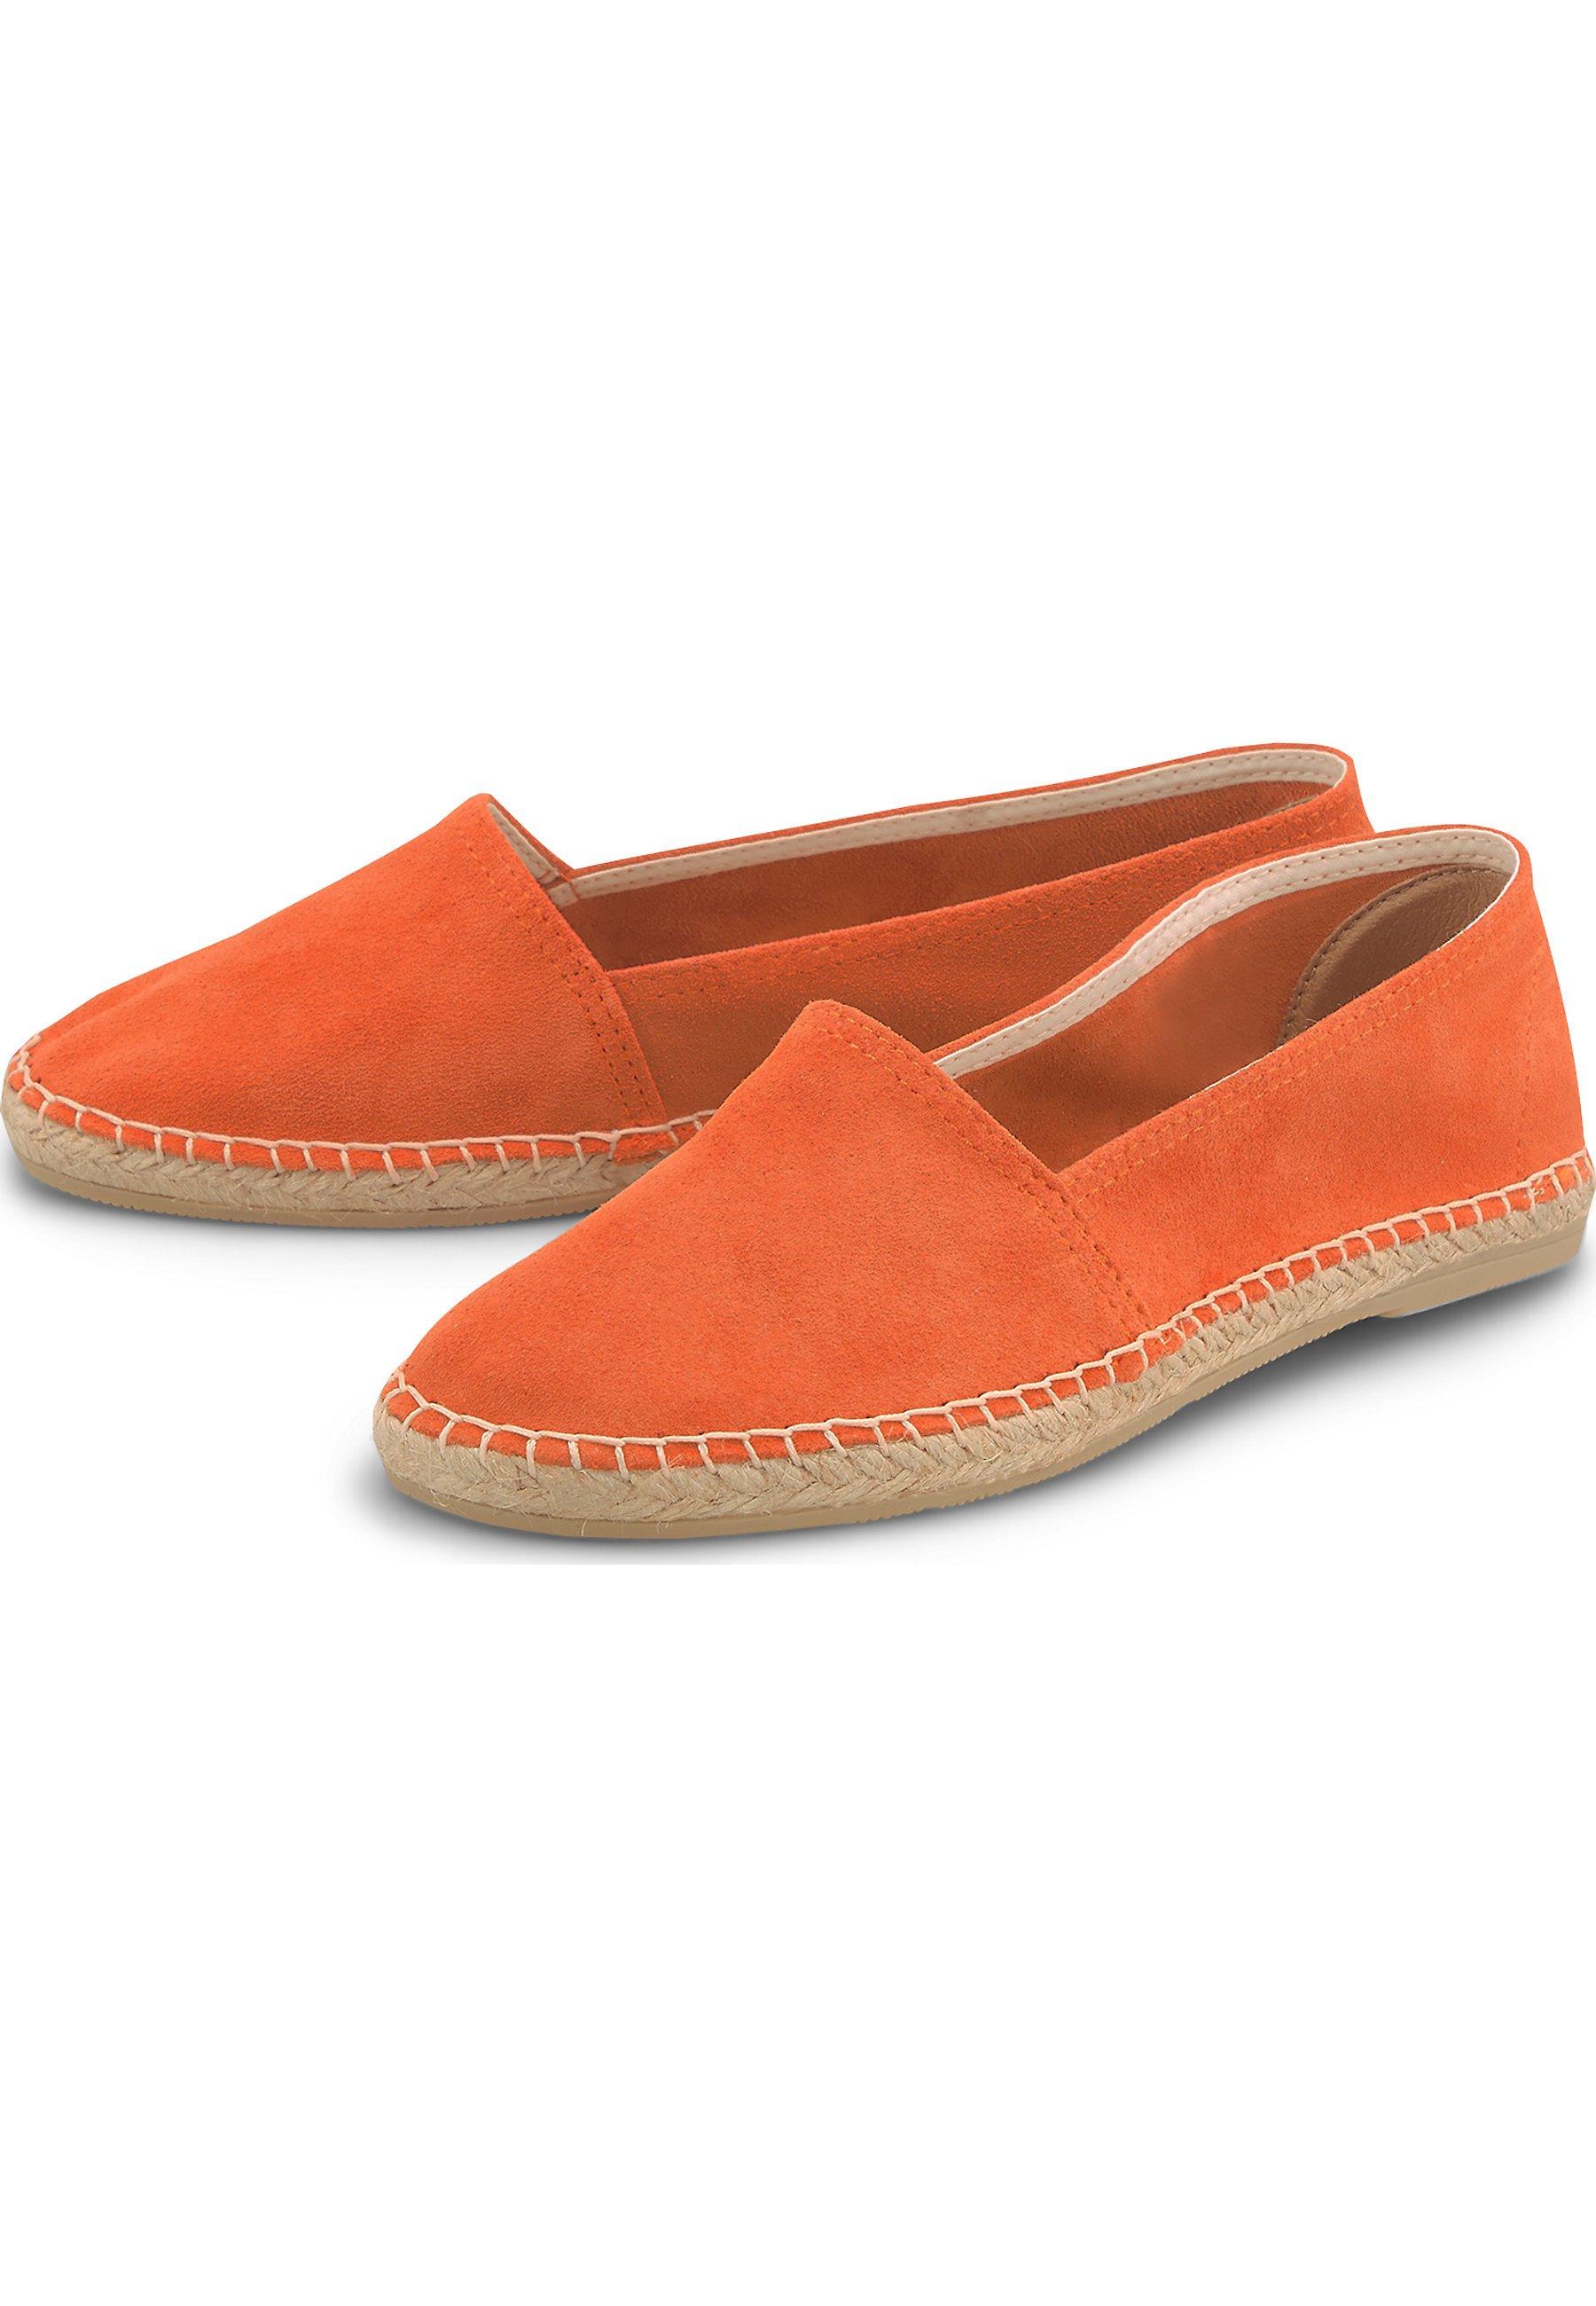 COX TREND - Espadrilles - orange